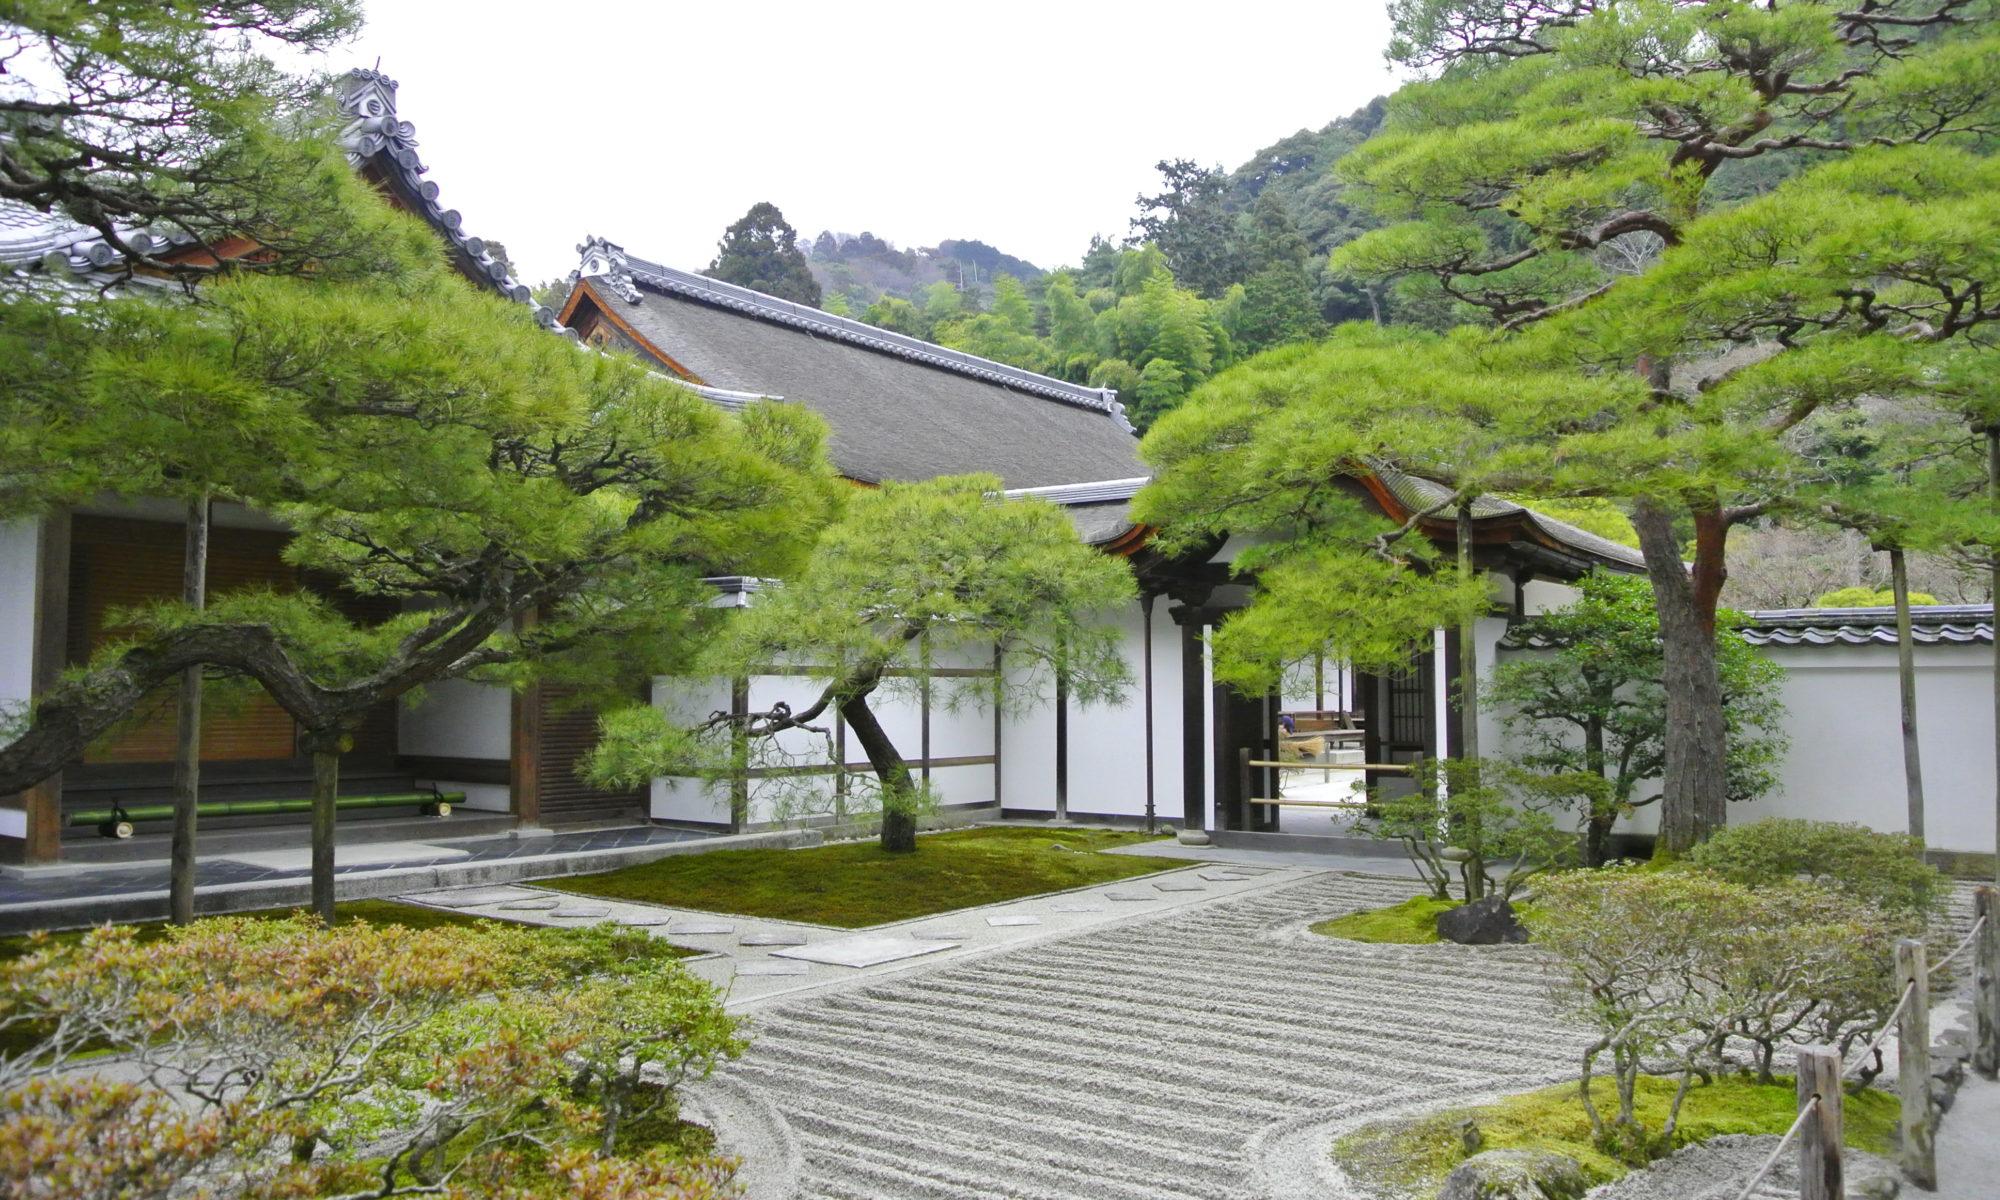 京都銀閣寺:白砂青松の庭園 - -京都市左京区哲学の道周辺- -